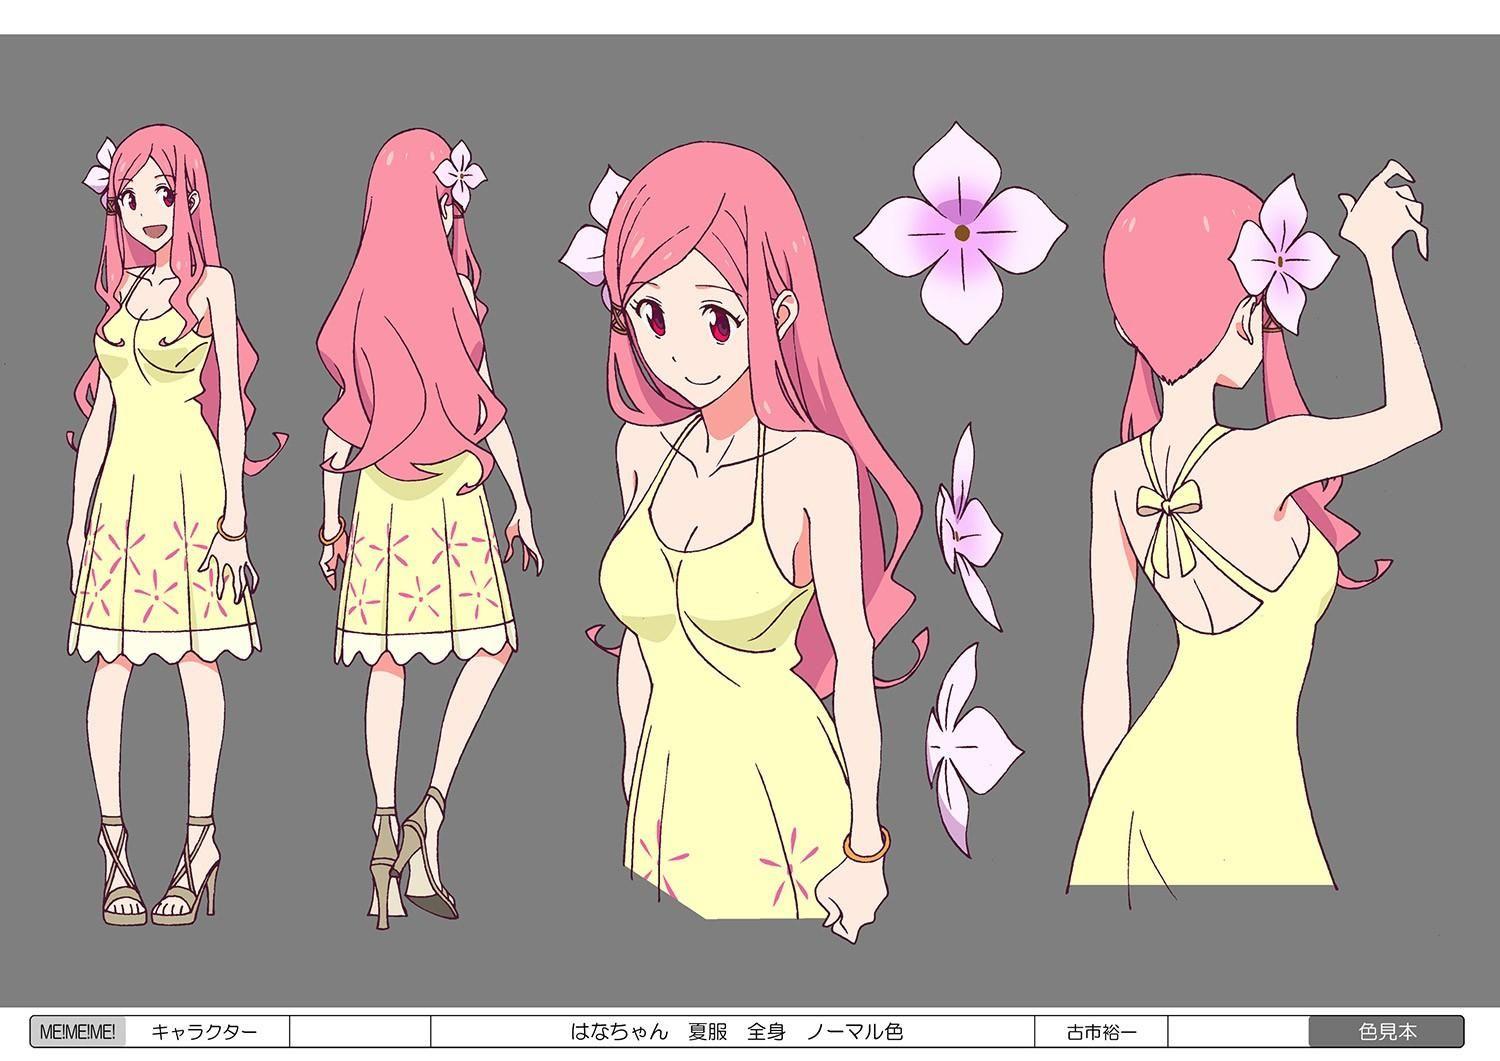 Hana-chan | ME!ME!ME!